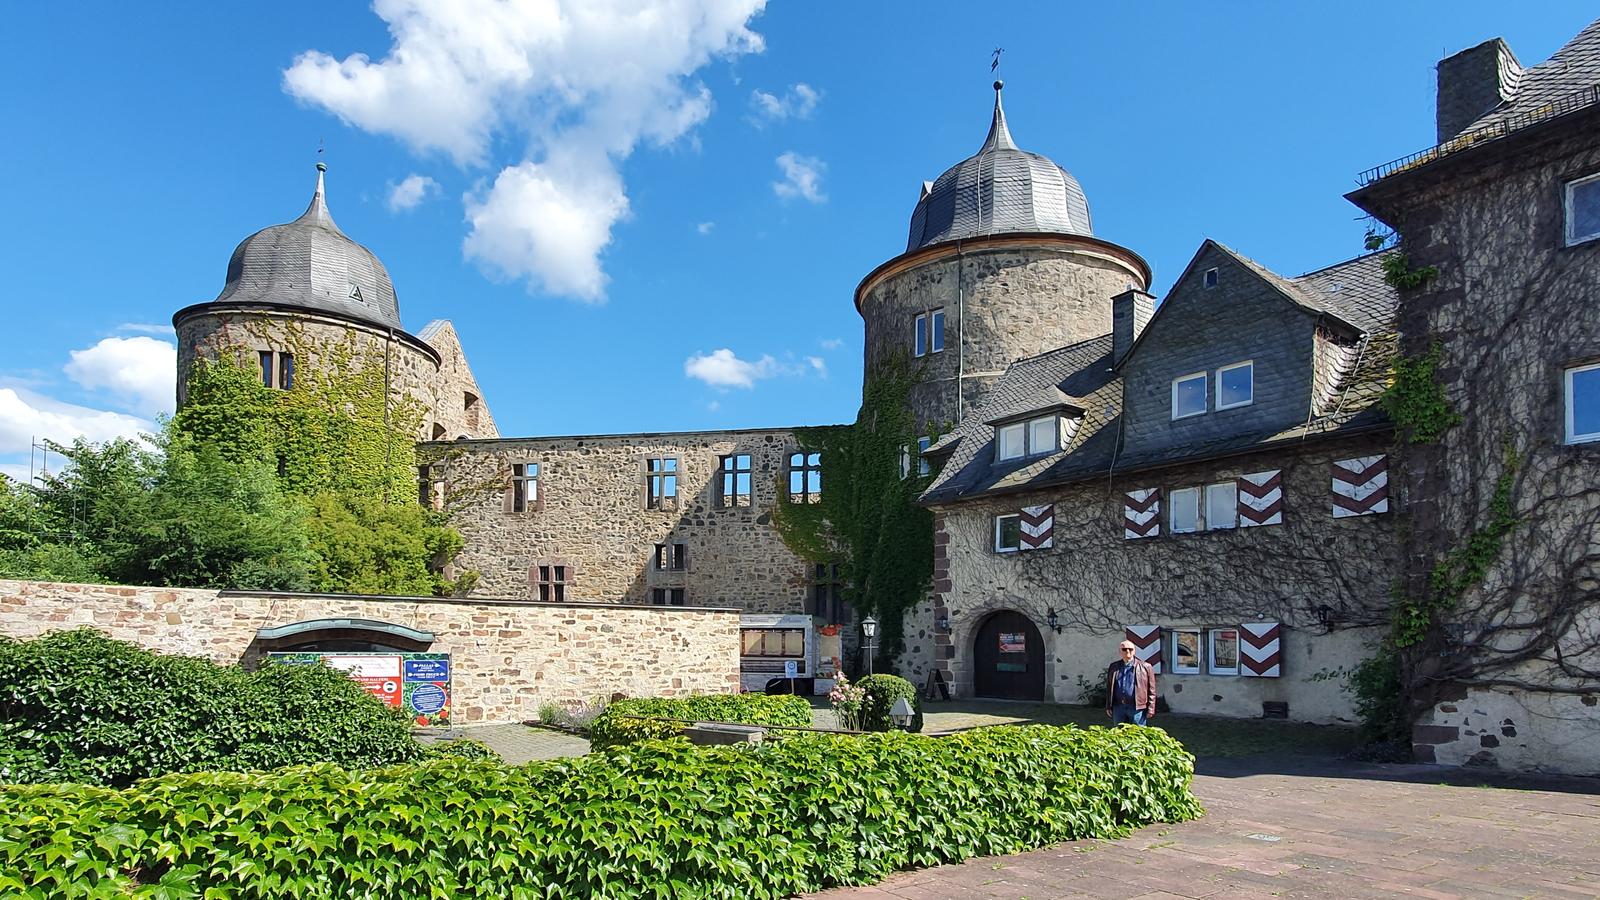 Ausflugstipps für Nordhessen, Urwald und Sababurg, Dornröschenschloss,